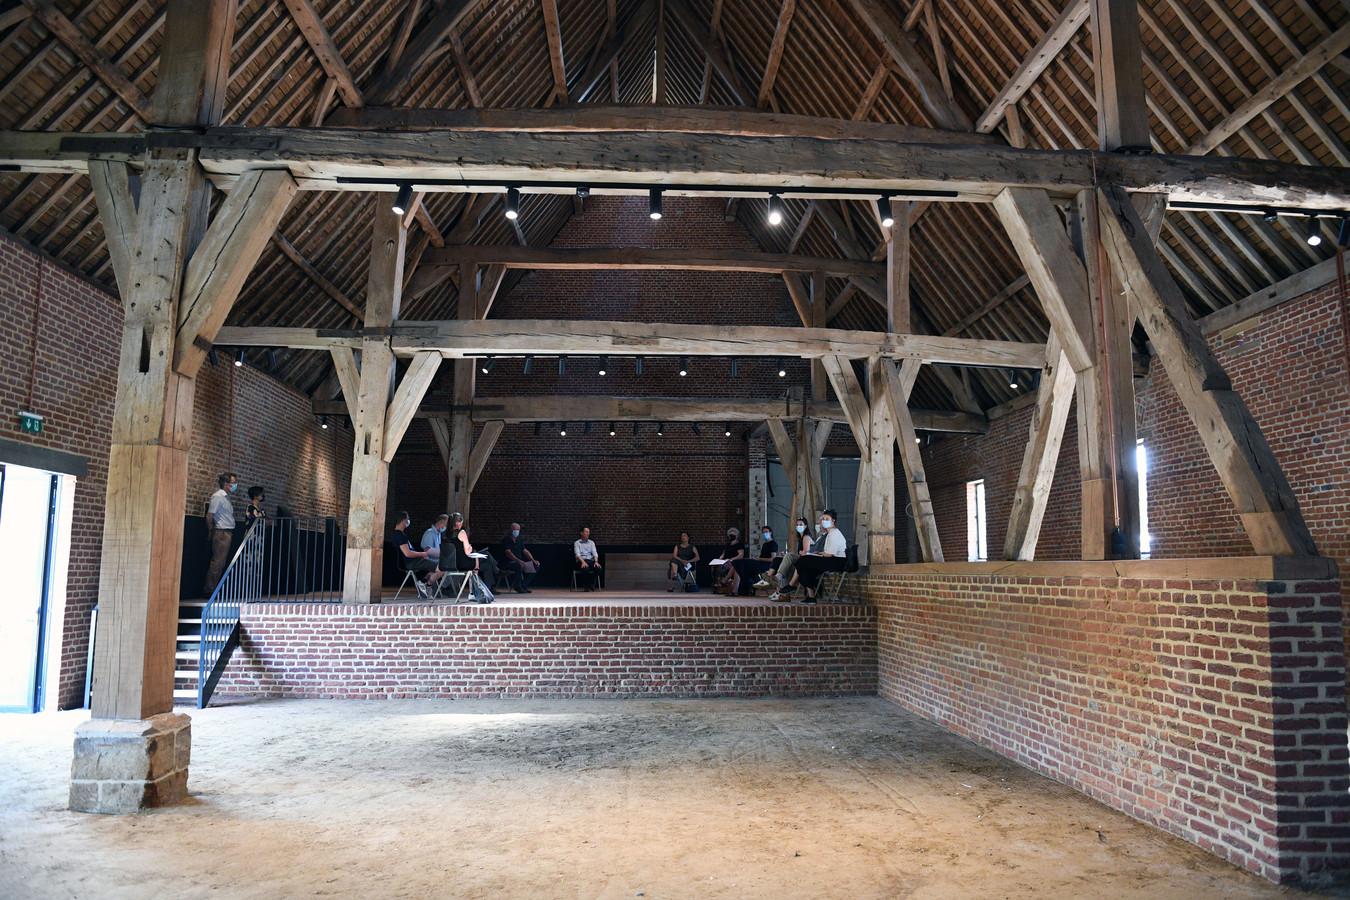 De abdijhoeve dateert uit de 17e eeuw en tijdens de restauratie werden de gevolgen van de urine van de koeien erg zichtbaar.